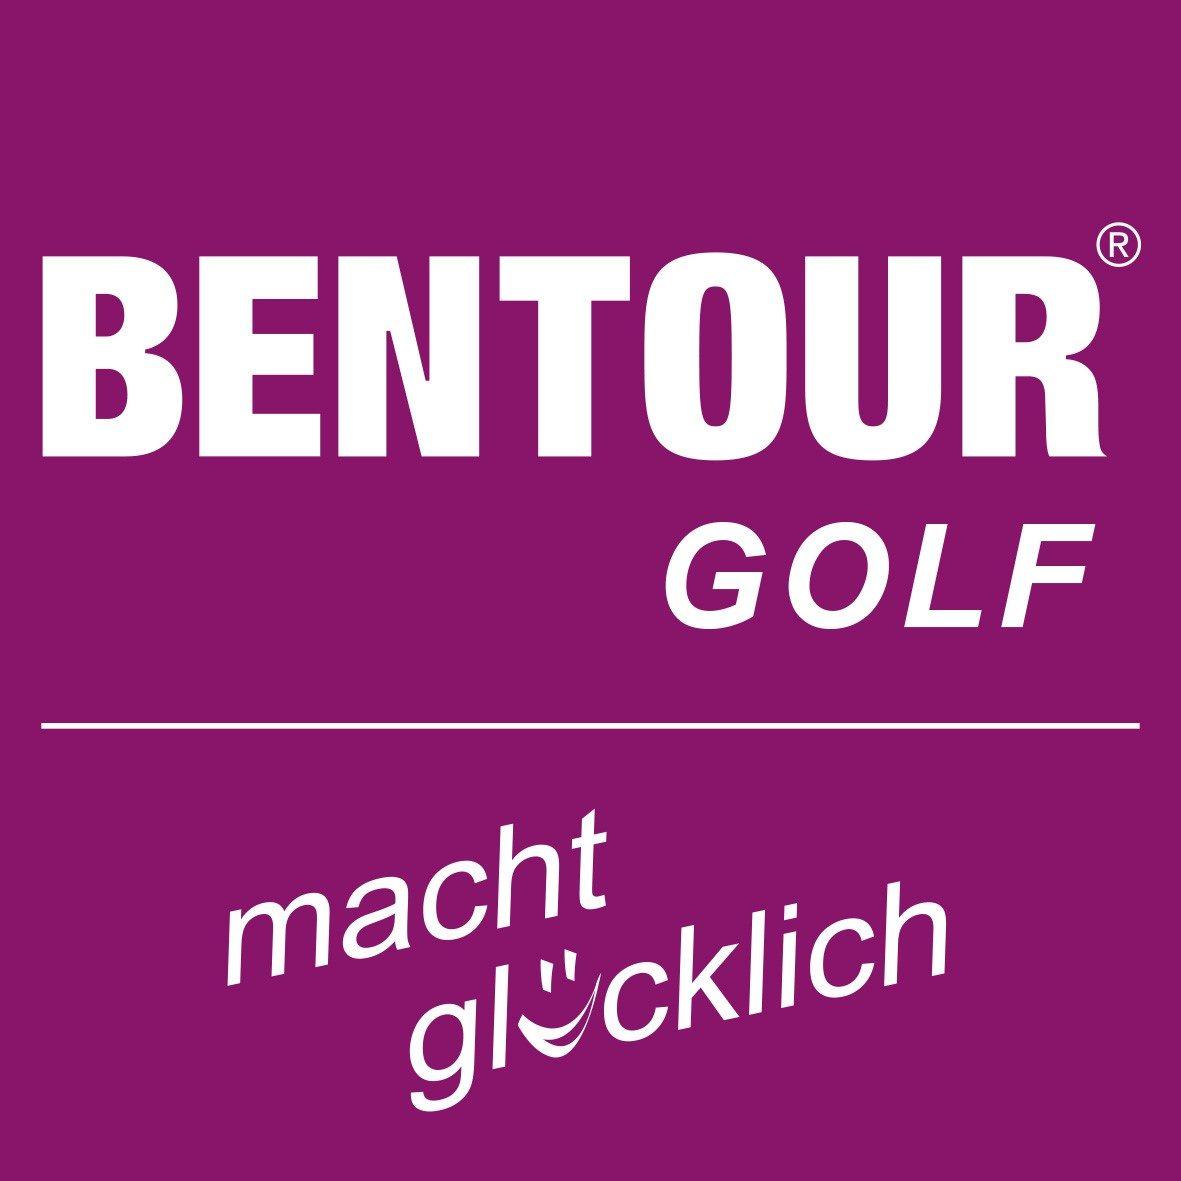 Bentour Golf